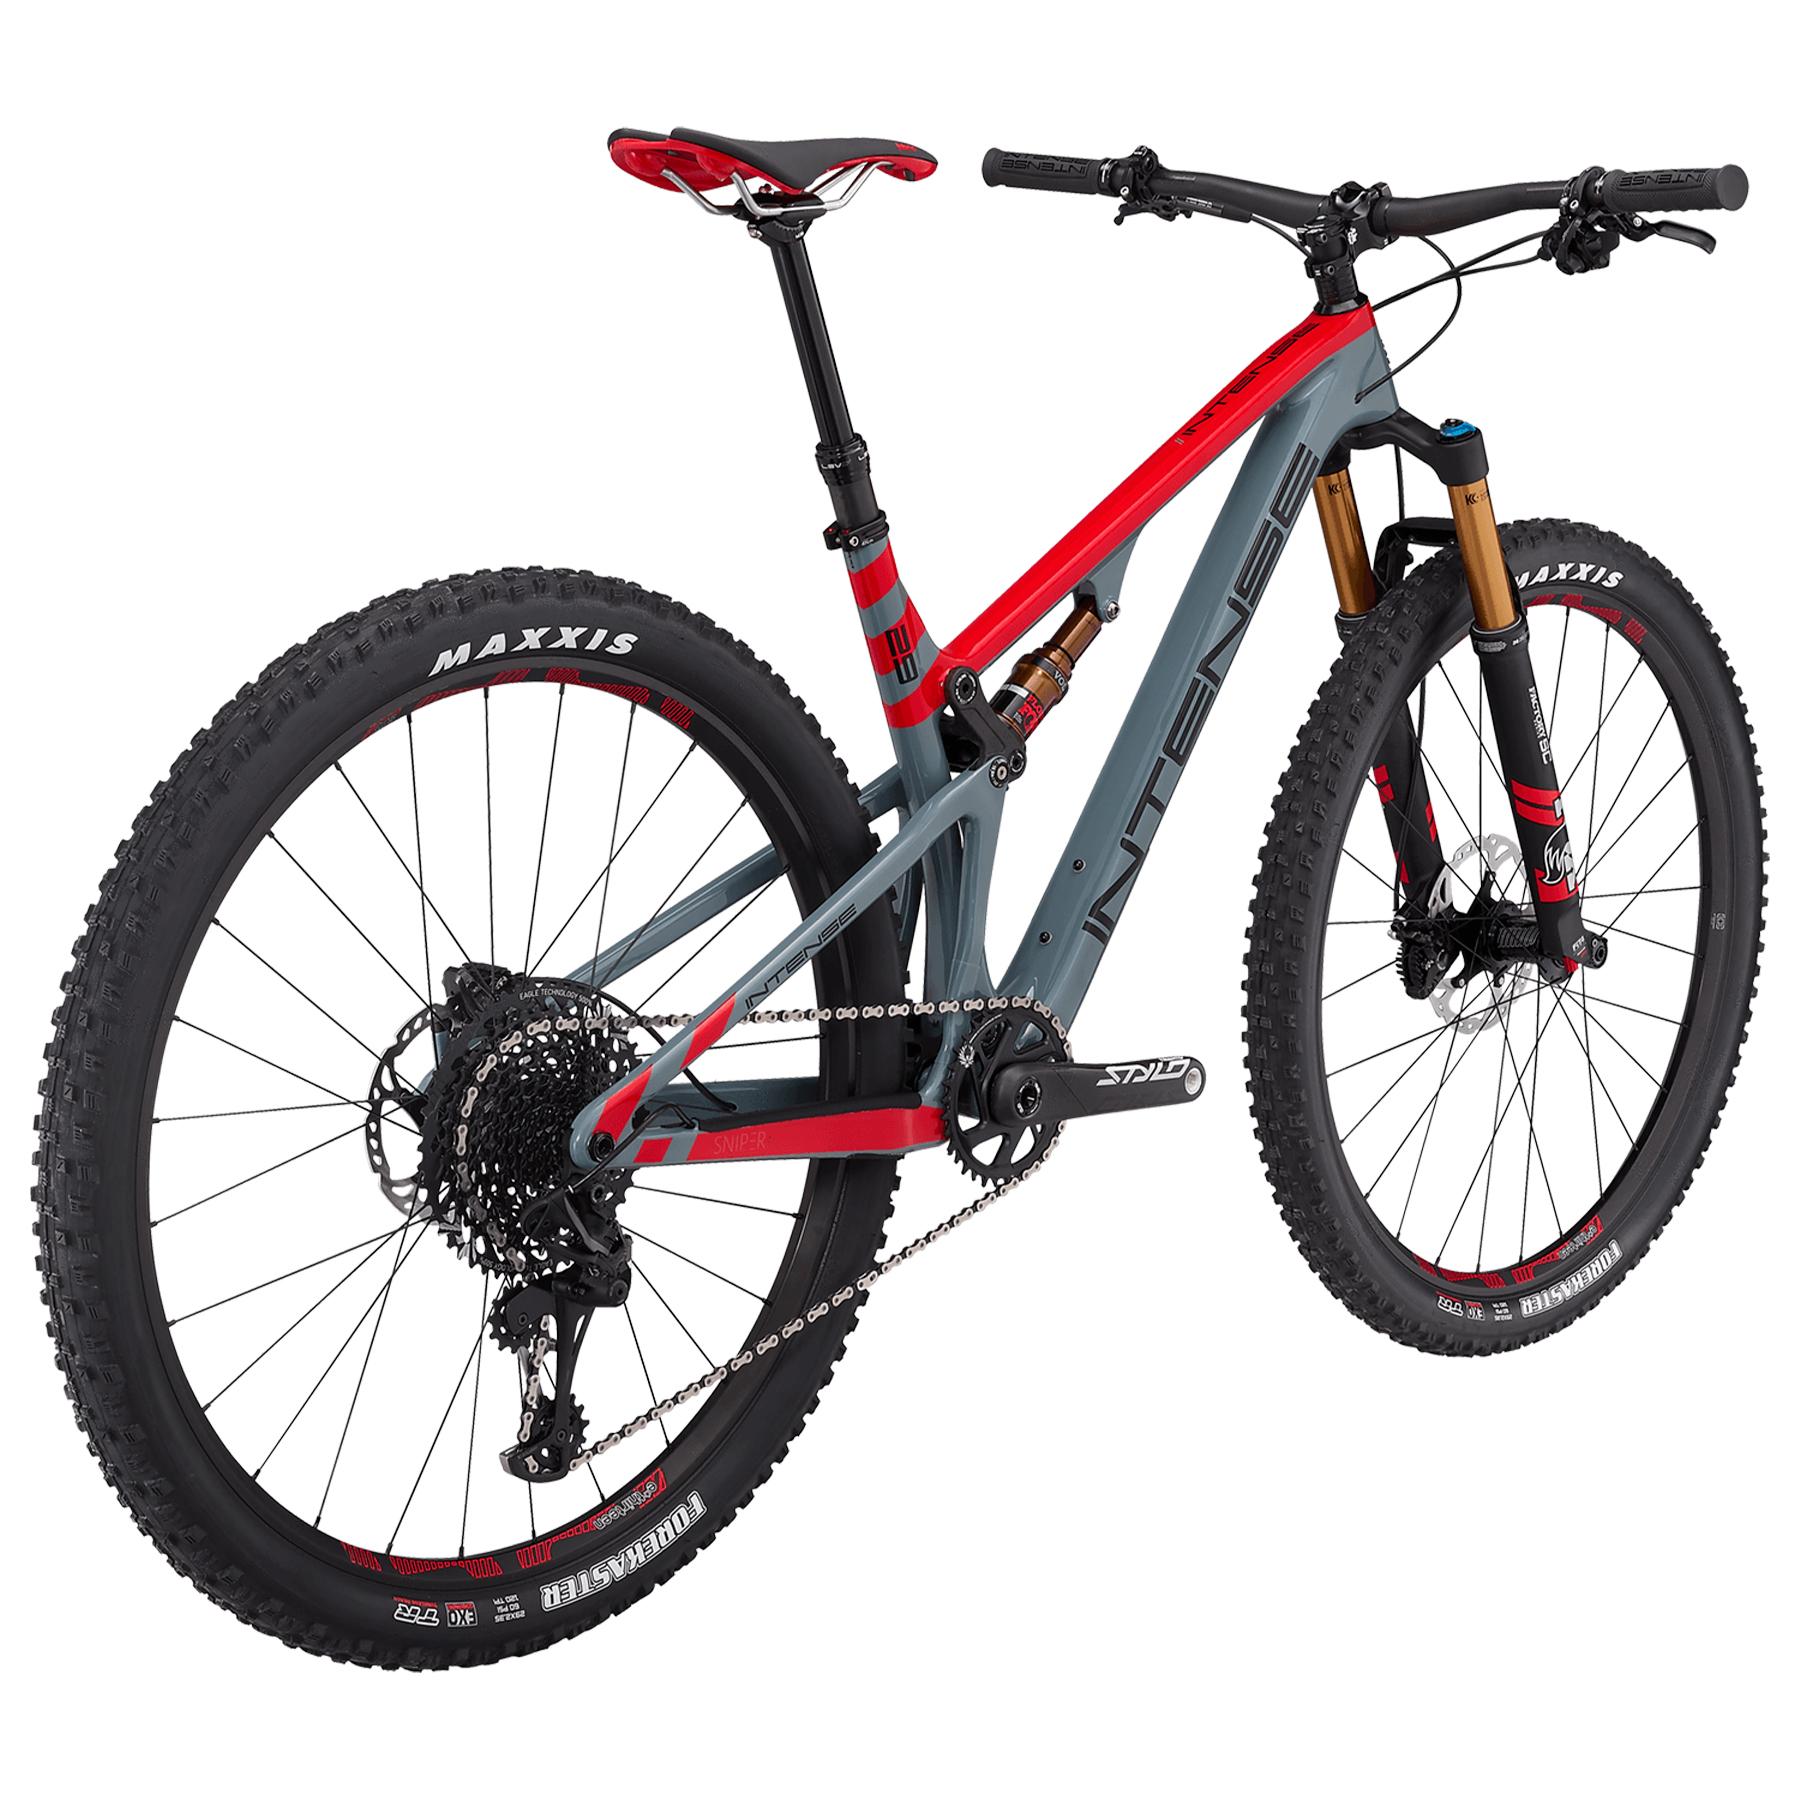 Intense Sniper Trail Pro 29 Bike 2020 Jenson Usa Shop with confidence on ebay! intense sniper trail pro 29 bike 2020